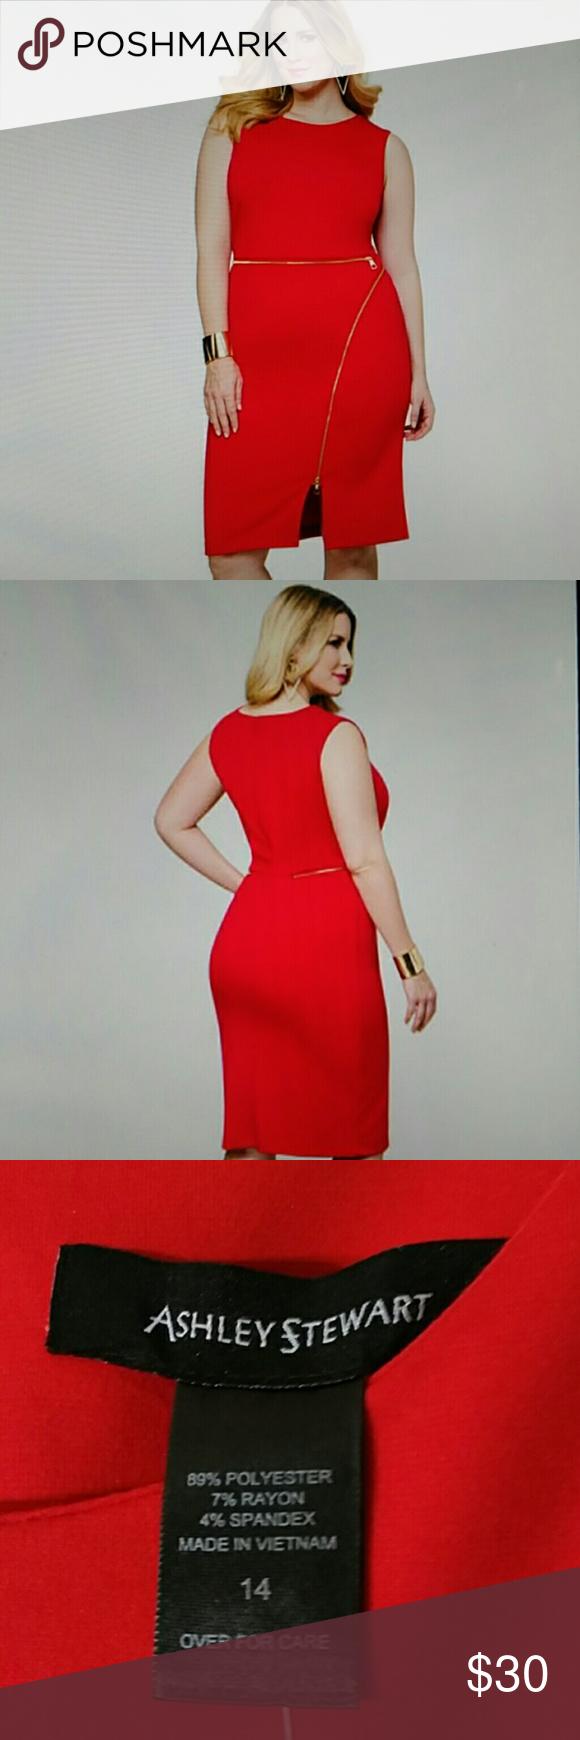 ccd2aafacaf NWT Ashley Stewart Zip Detail Bodycon Sheath Dress Zip detailing (faux)  adds an edge